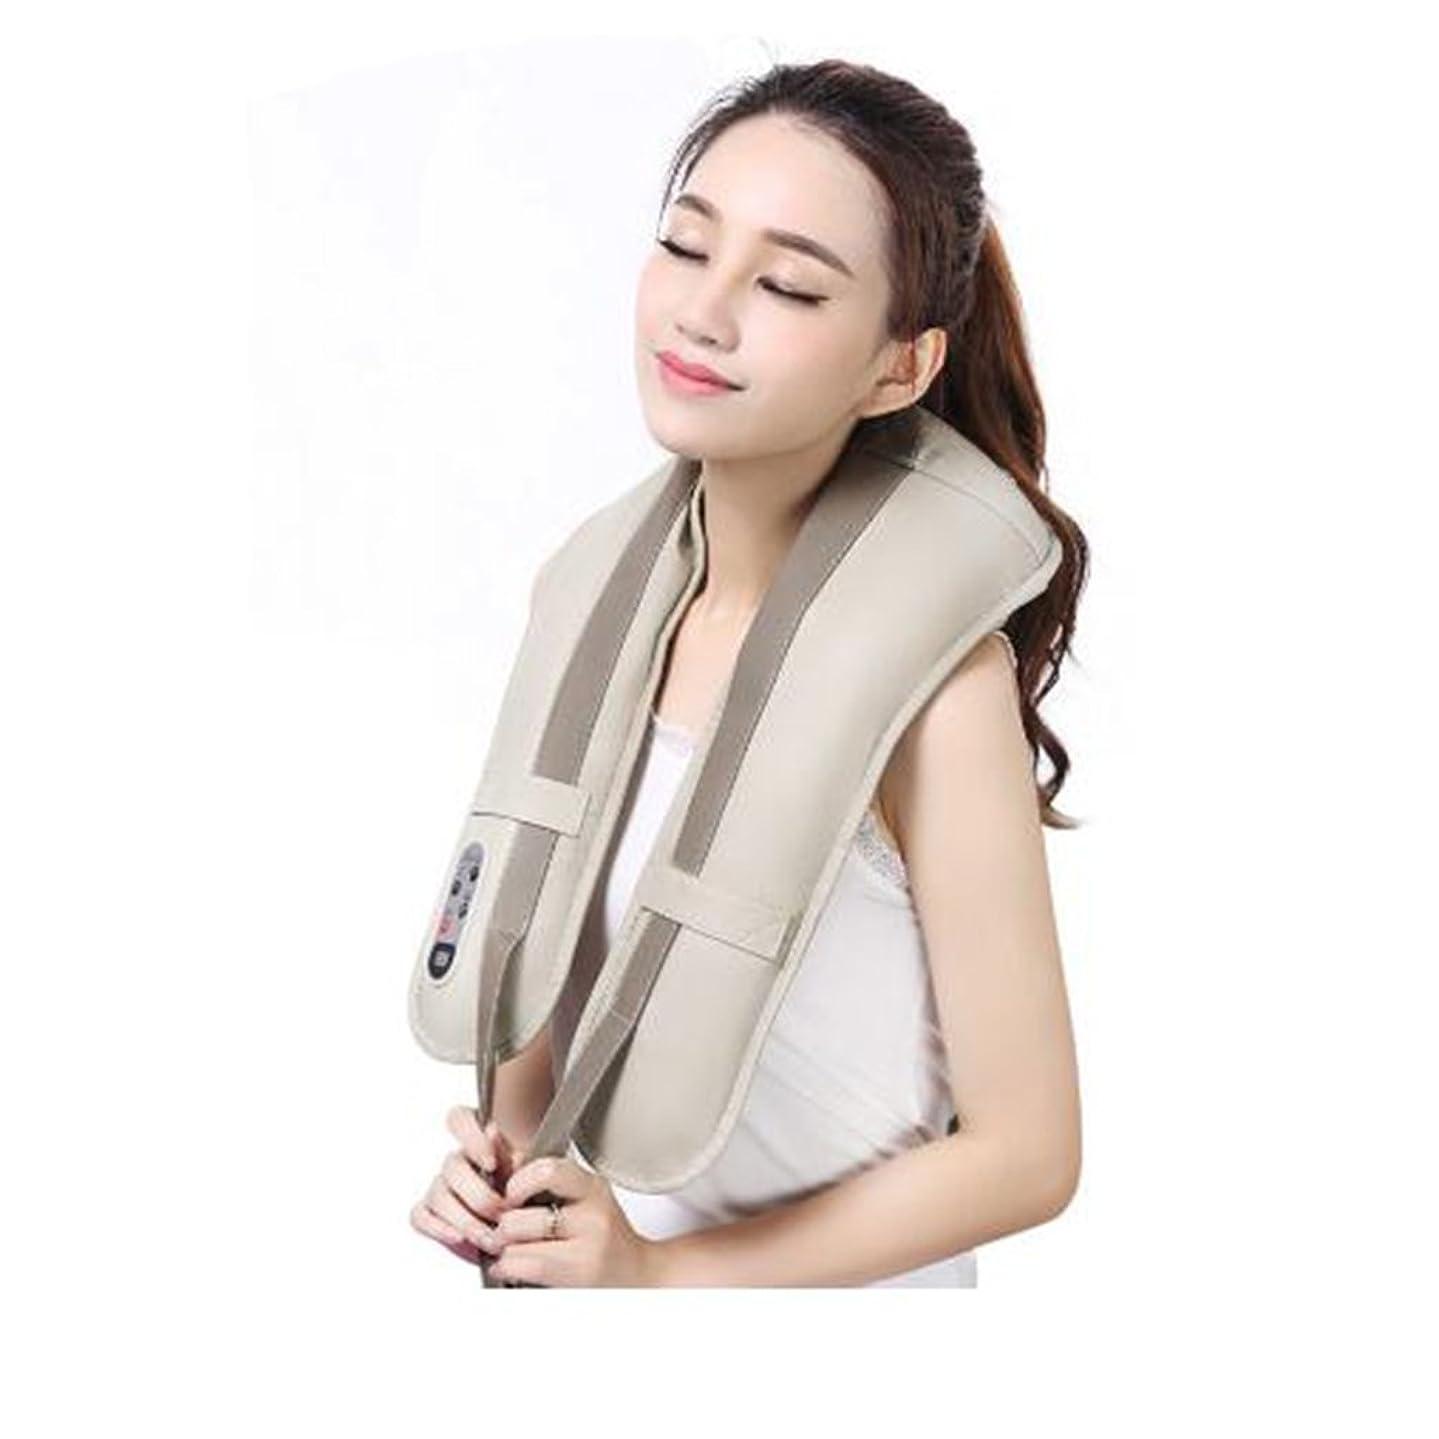 薬用自己ノーブルホットネックマッサージャーポータブル電気パーカッション頸部マッサージショールの痛みの首と肩の多機能タップマッサージャー (色 : A)